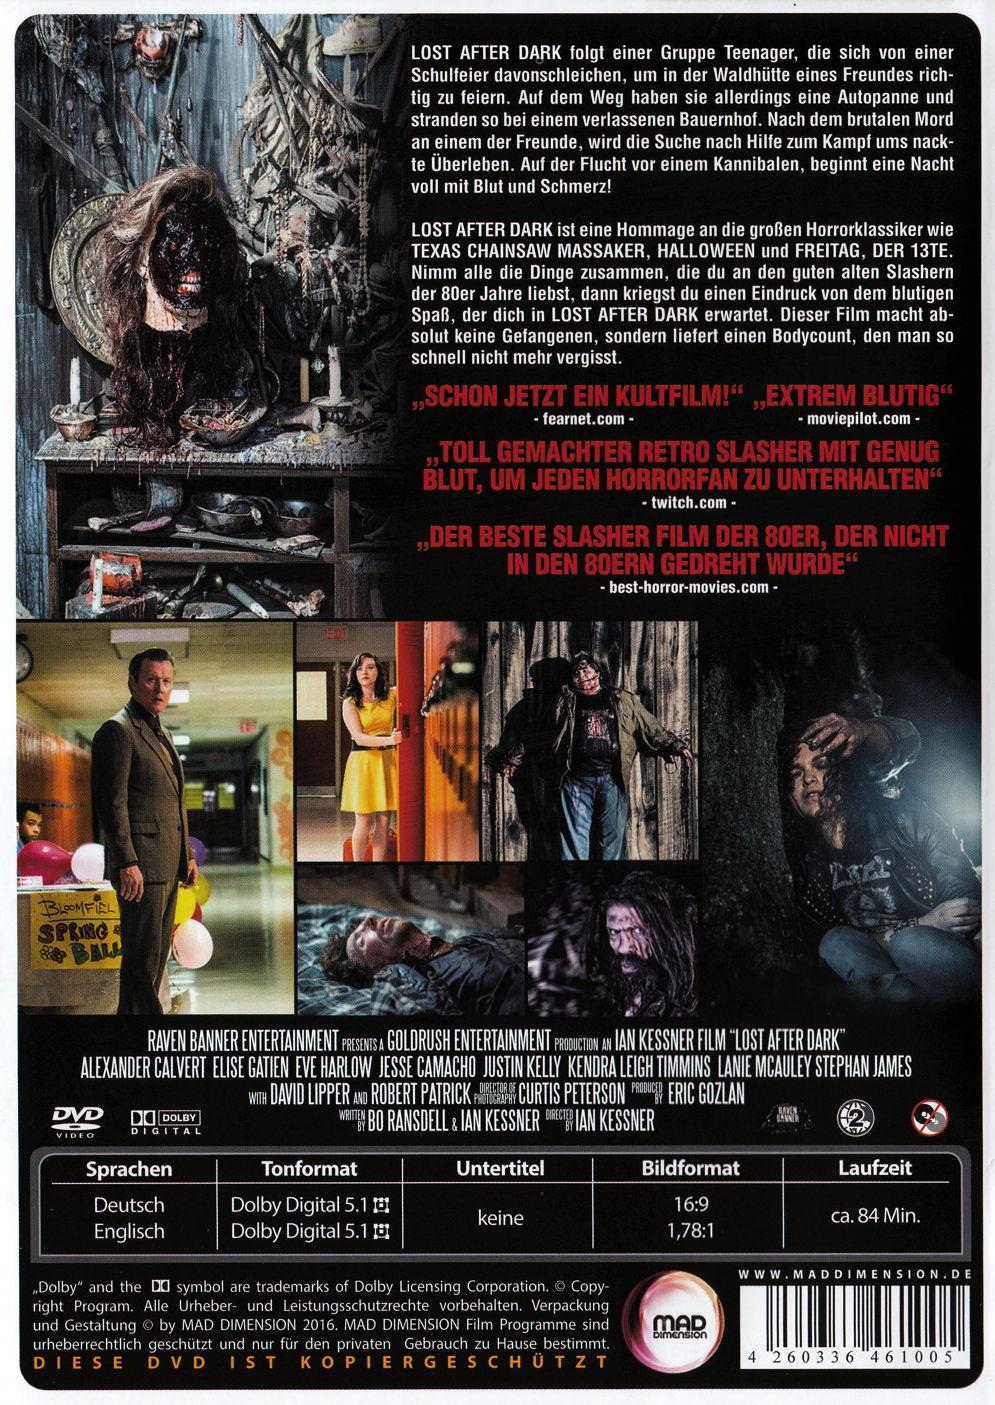 film lost after dark auf dvd oder blu ray kaufen horror moviesale die online videothek der. Black Bedroom Furniture Sets. Home Design Ideas